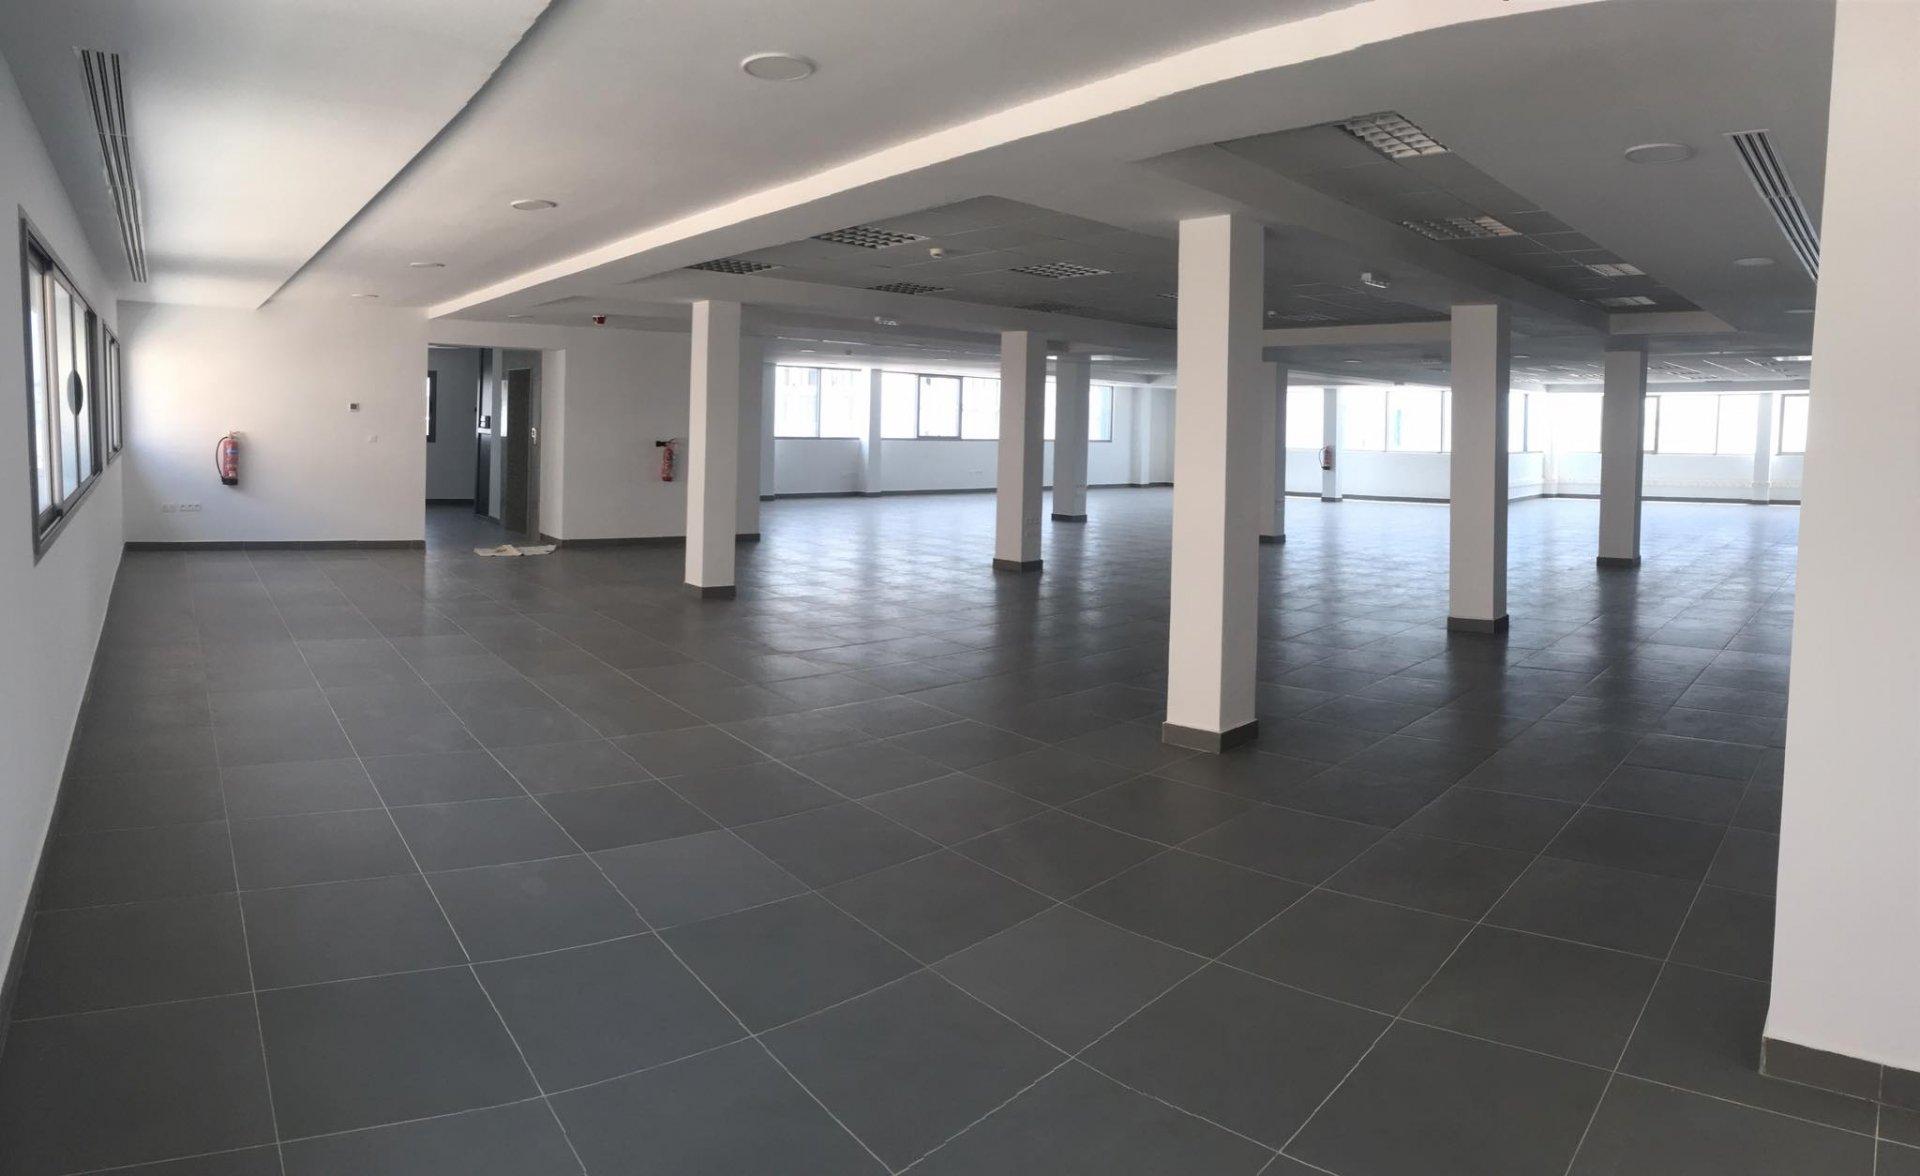 Location Immeuble de bureaux 1750 m² au Lac 3